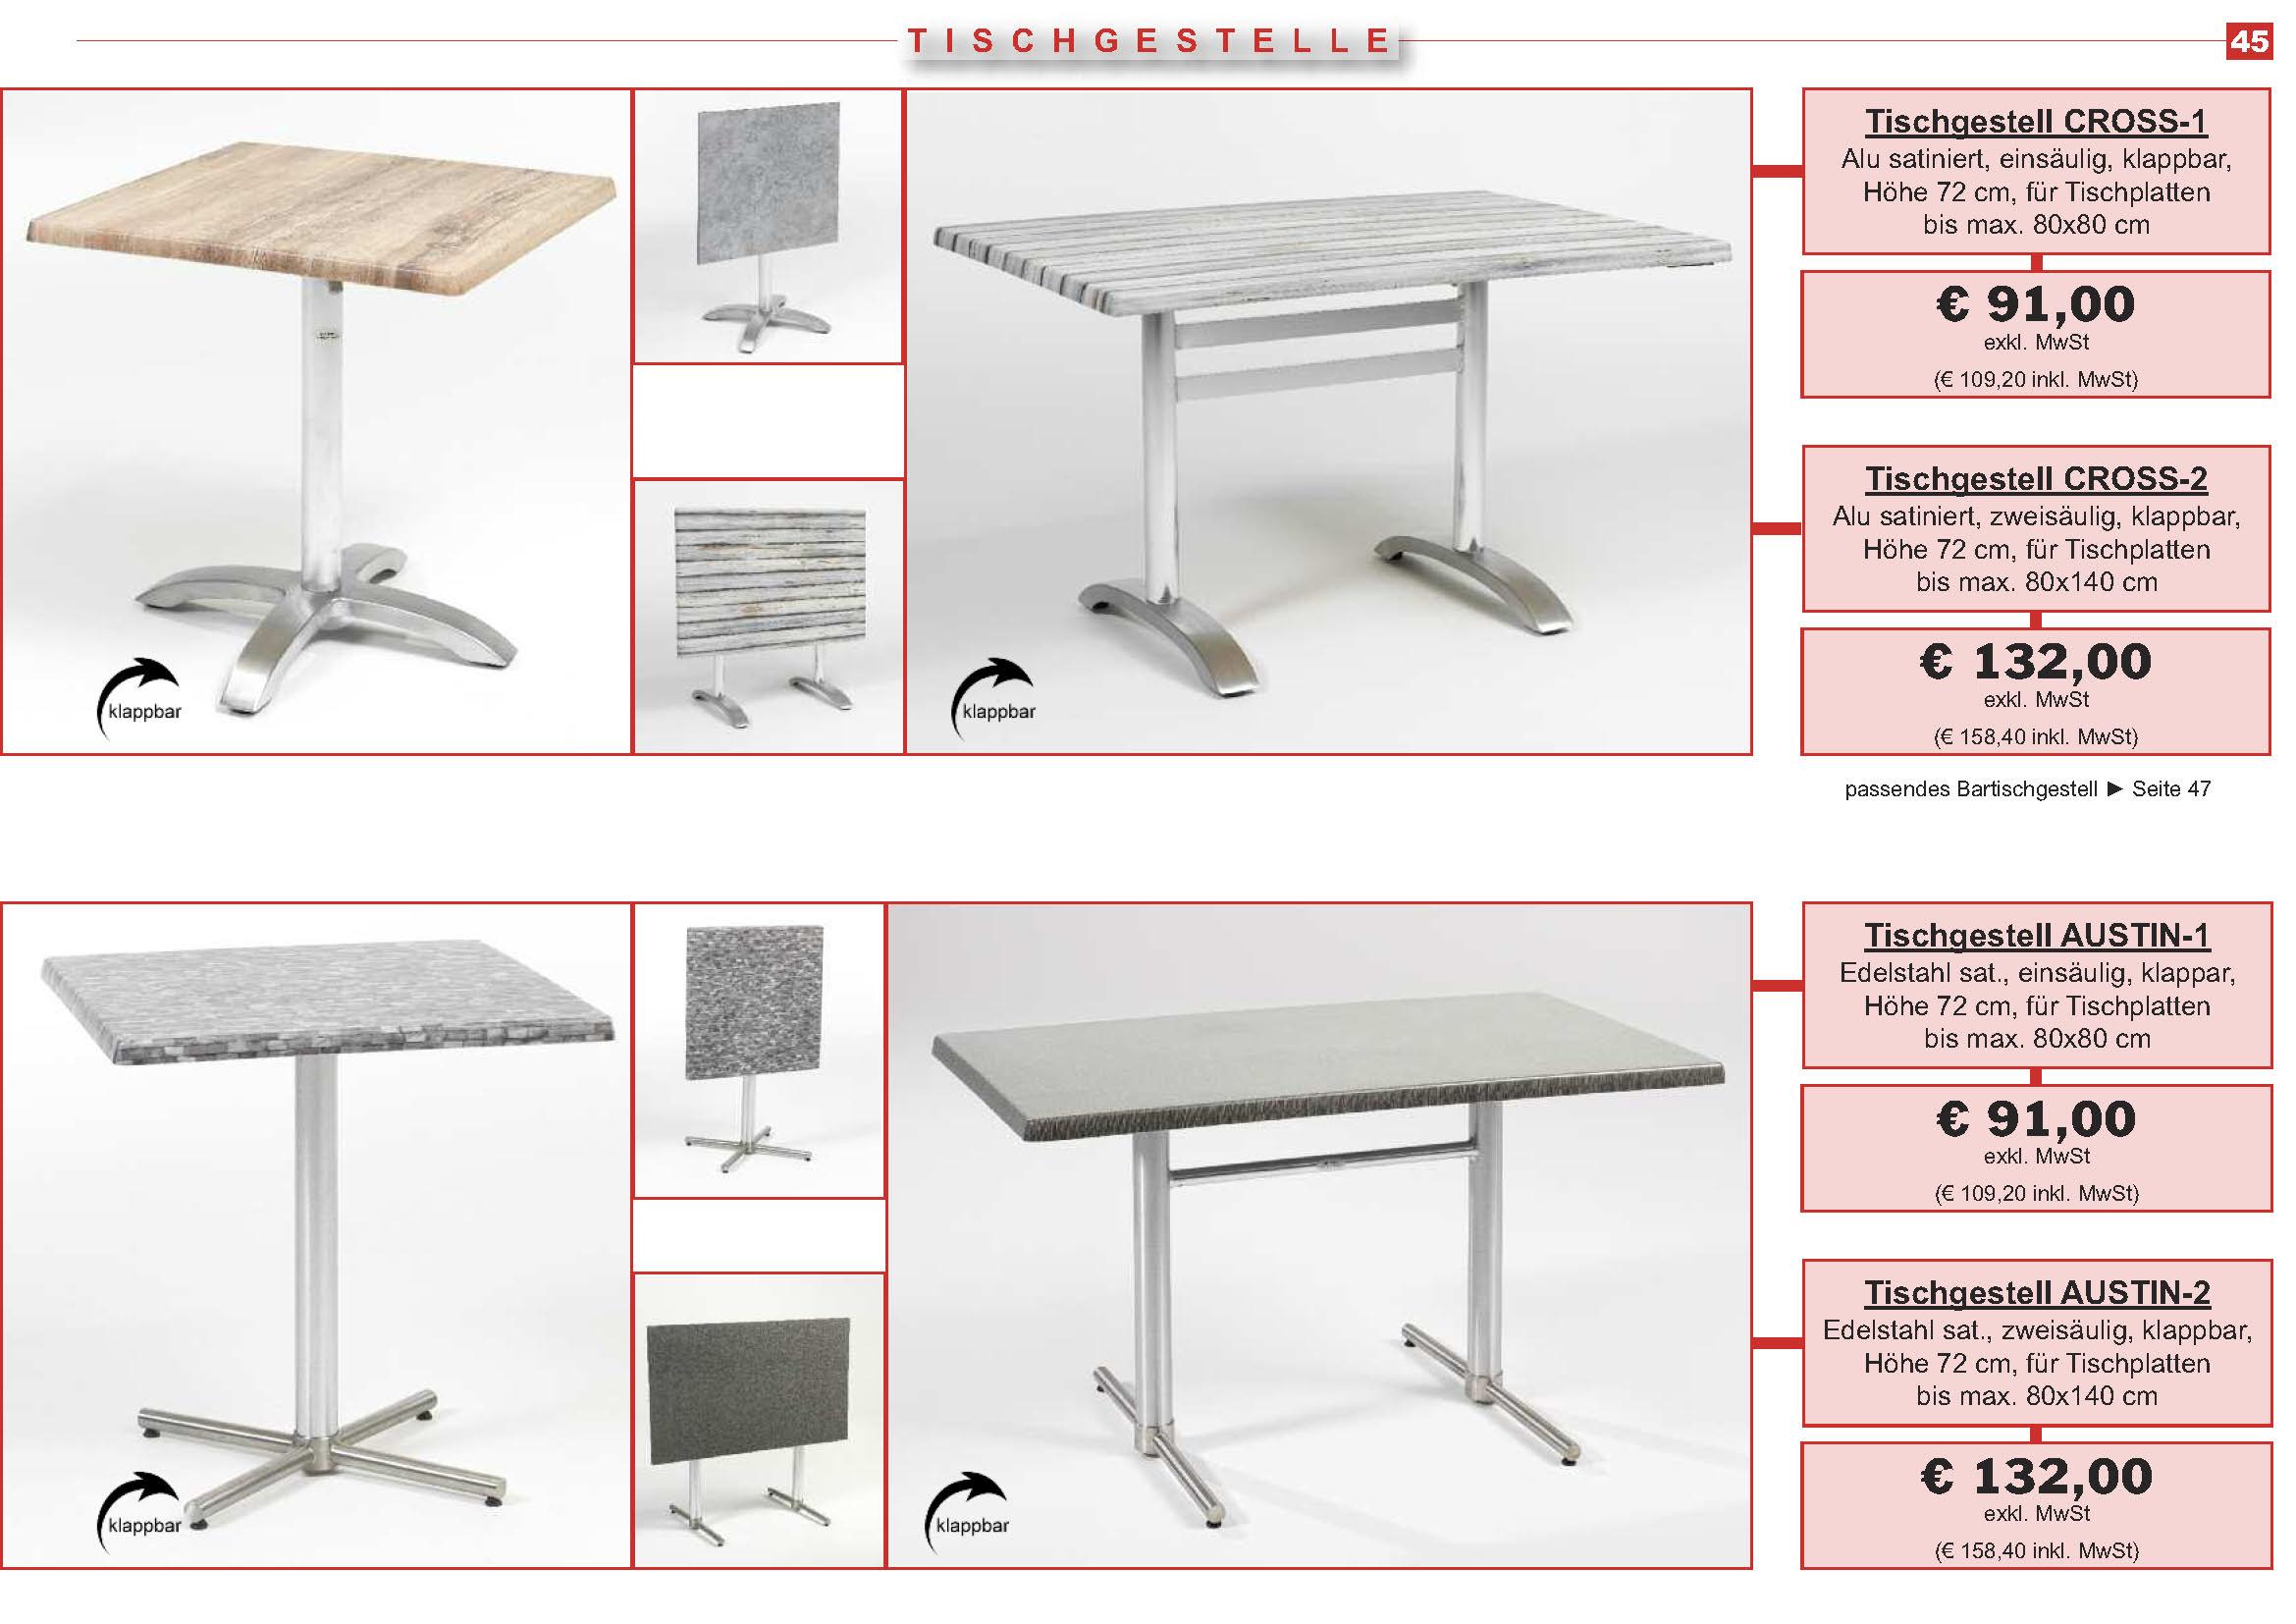 Tischgestelle_Seite_02